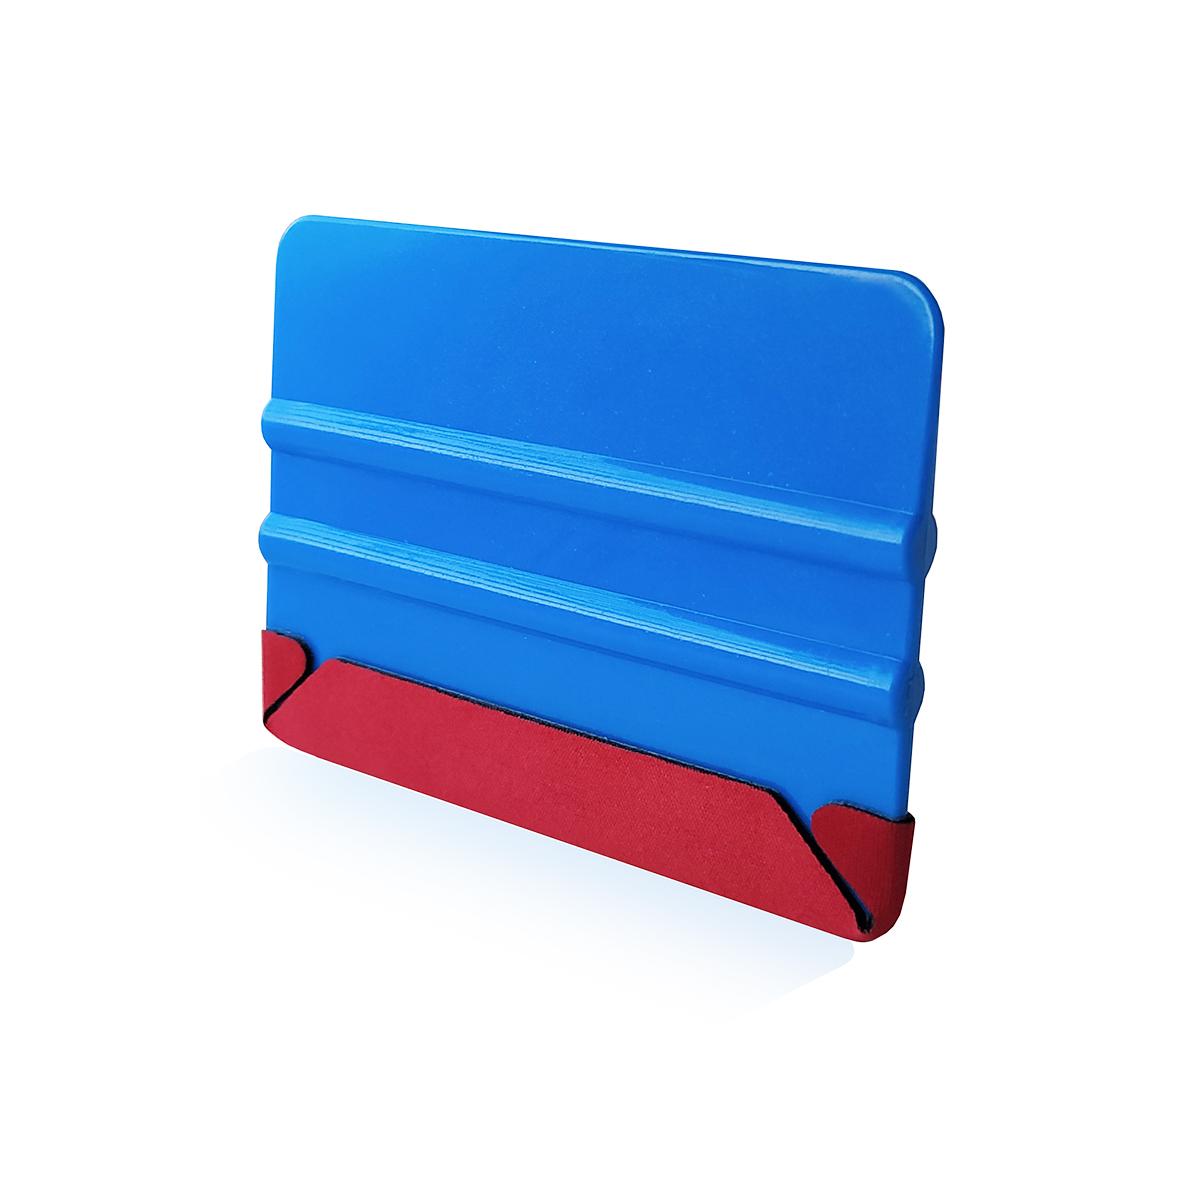 Виниловая пленка для автомобиля, тканевый войлочный скребок, прочный скребок, инструмент для обертывания из углеродного волокна, автомобильные аксессуары, инструмент для затемнения окон A17C